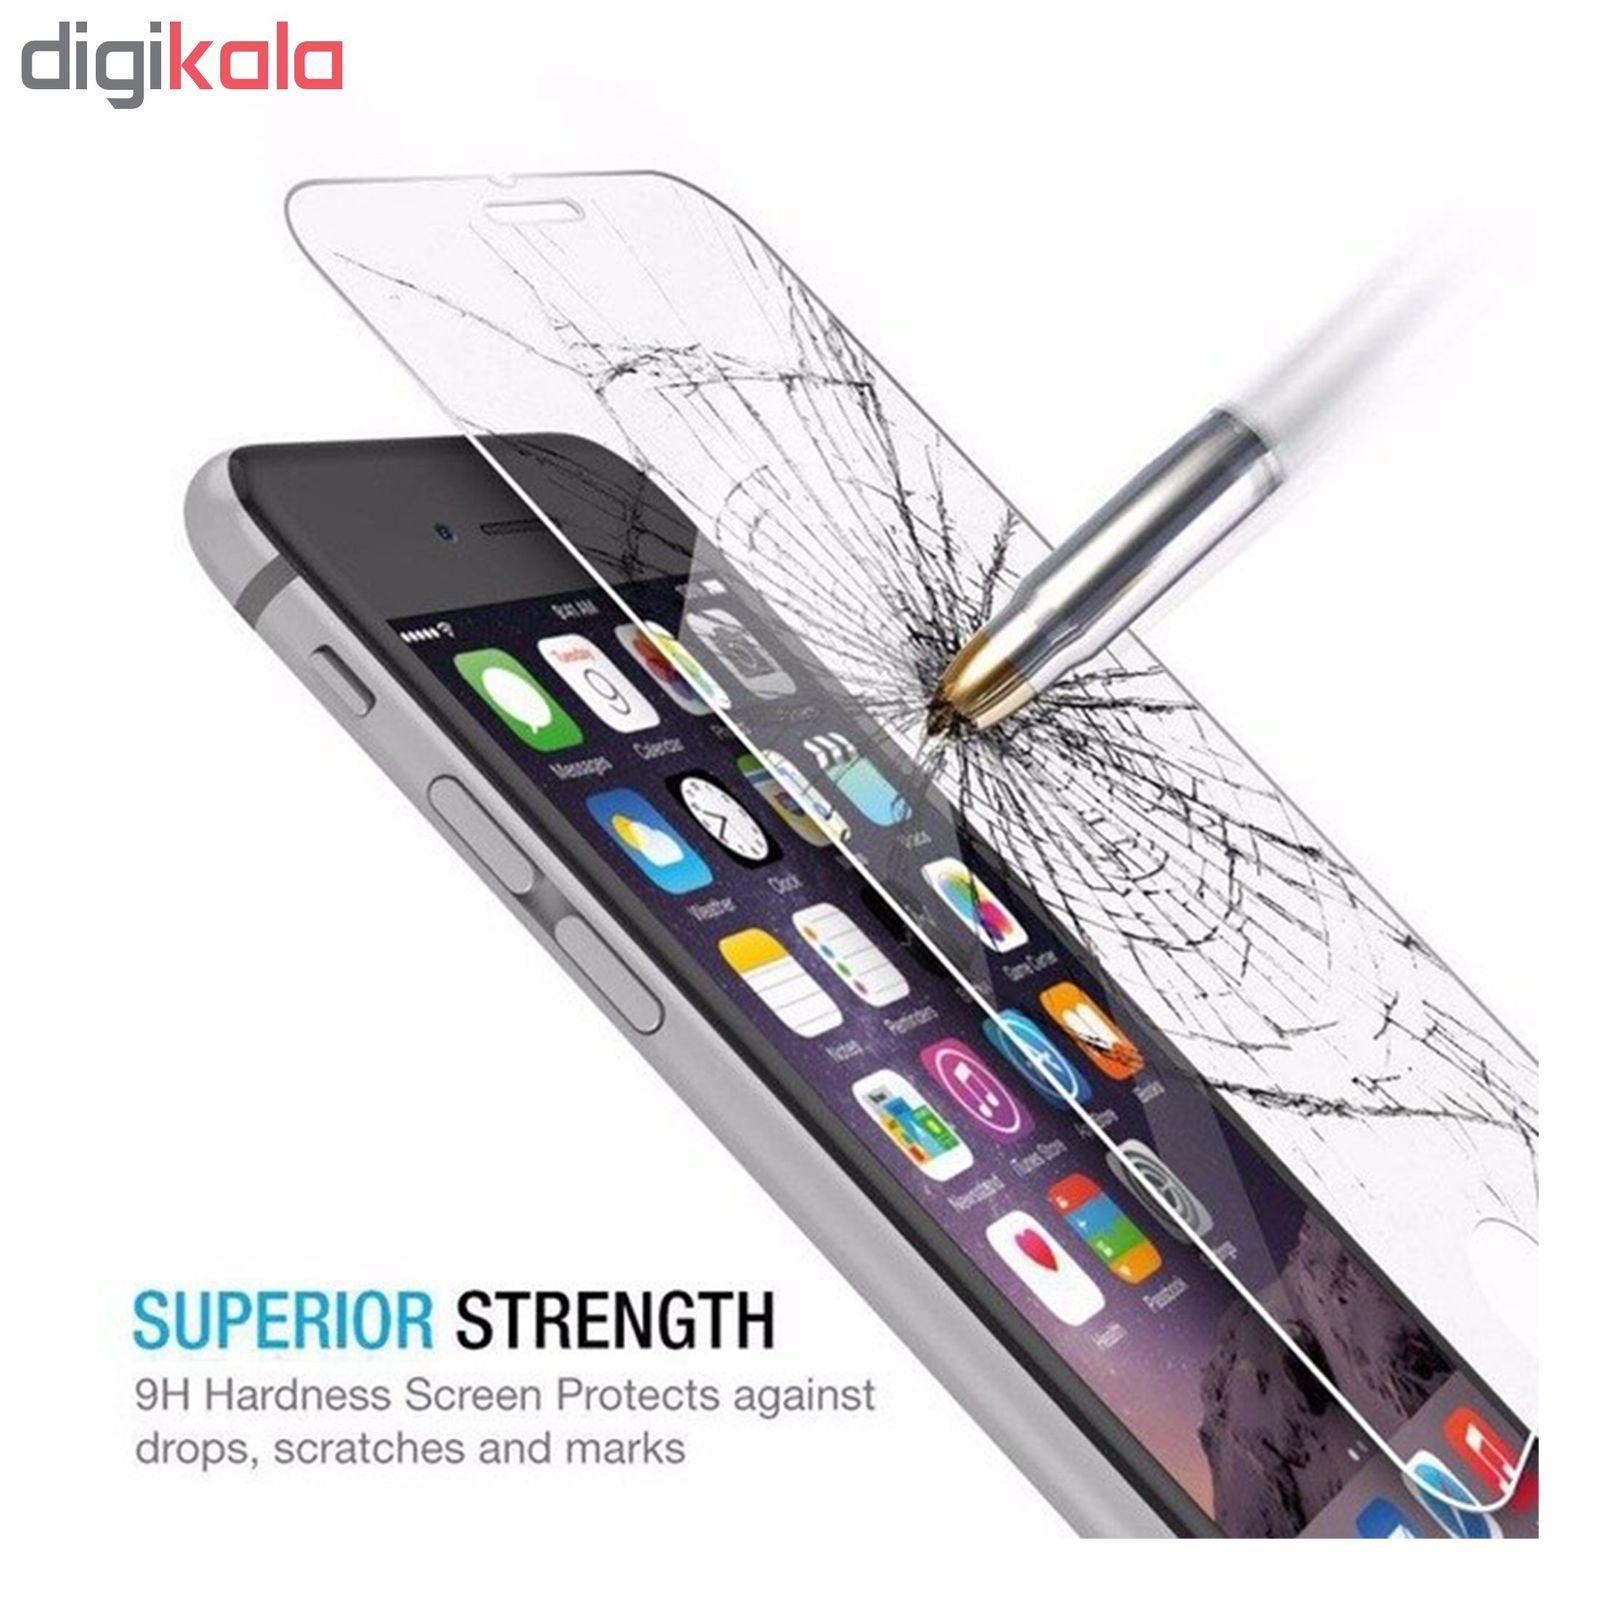 محافظ صفحه نمایش Hard and thick مدل F-001 مناسب برای گوشی موبایل سامسونگ Galaxy Note 10 main 1 3